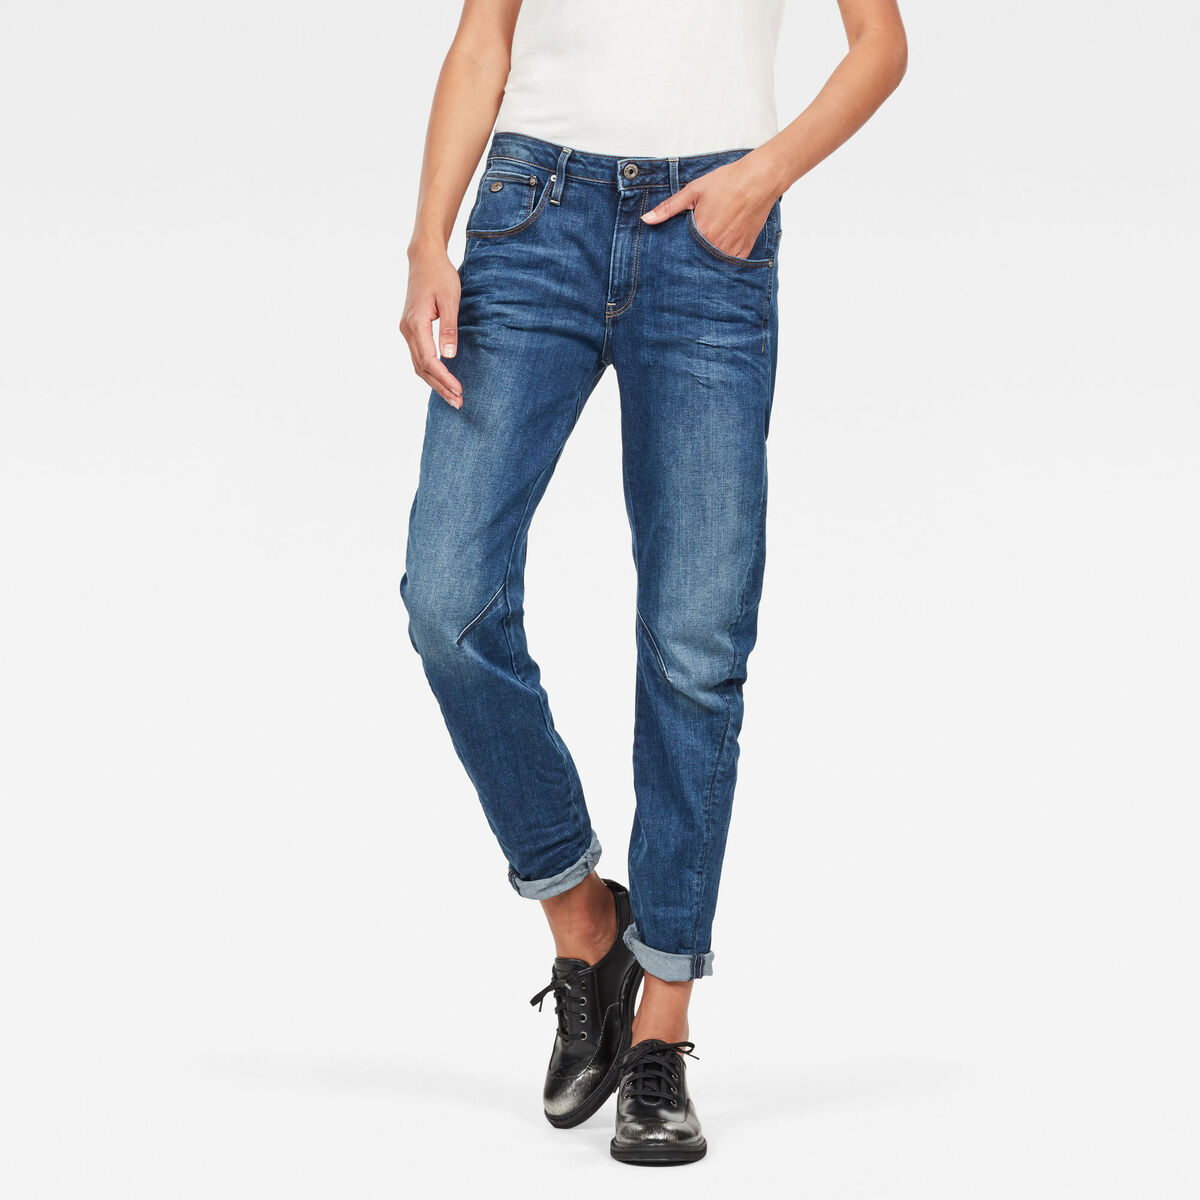 Bild 1 von Arc 3D Low Waist Boyfriend Jeans